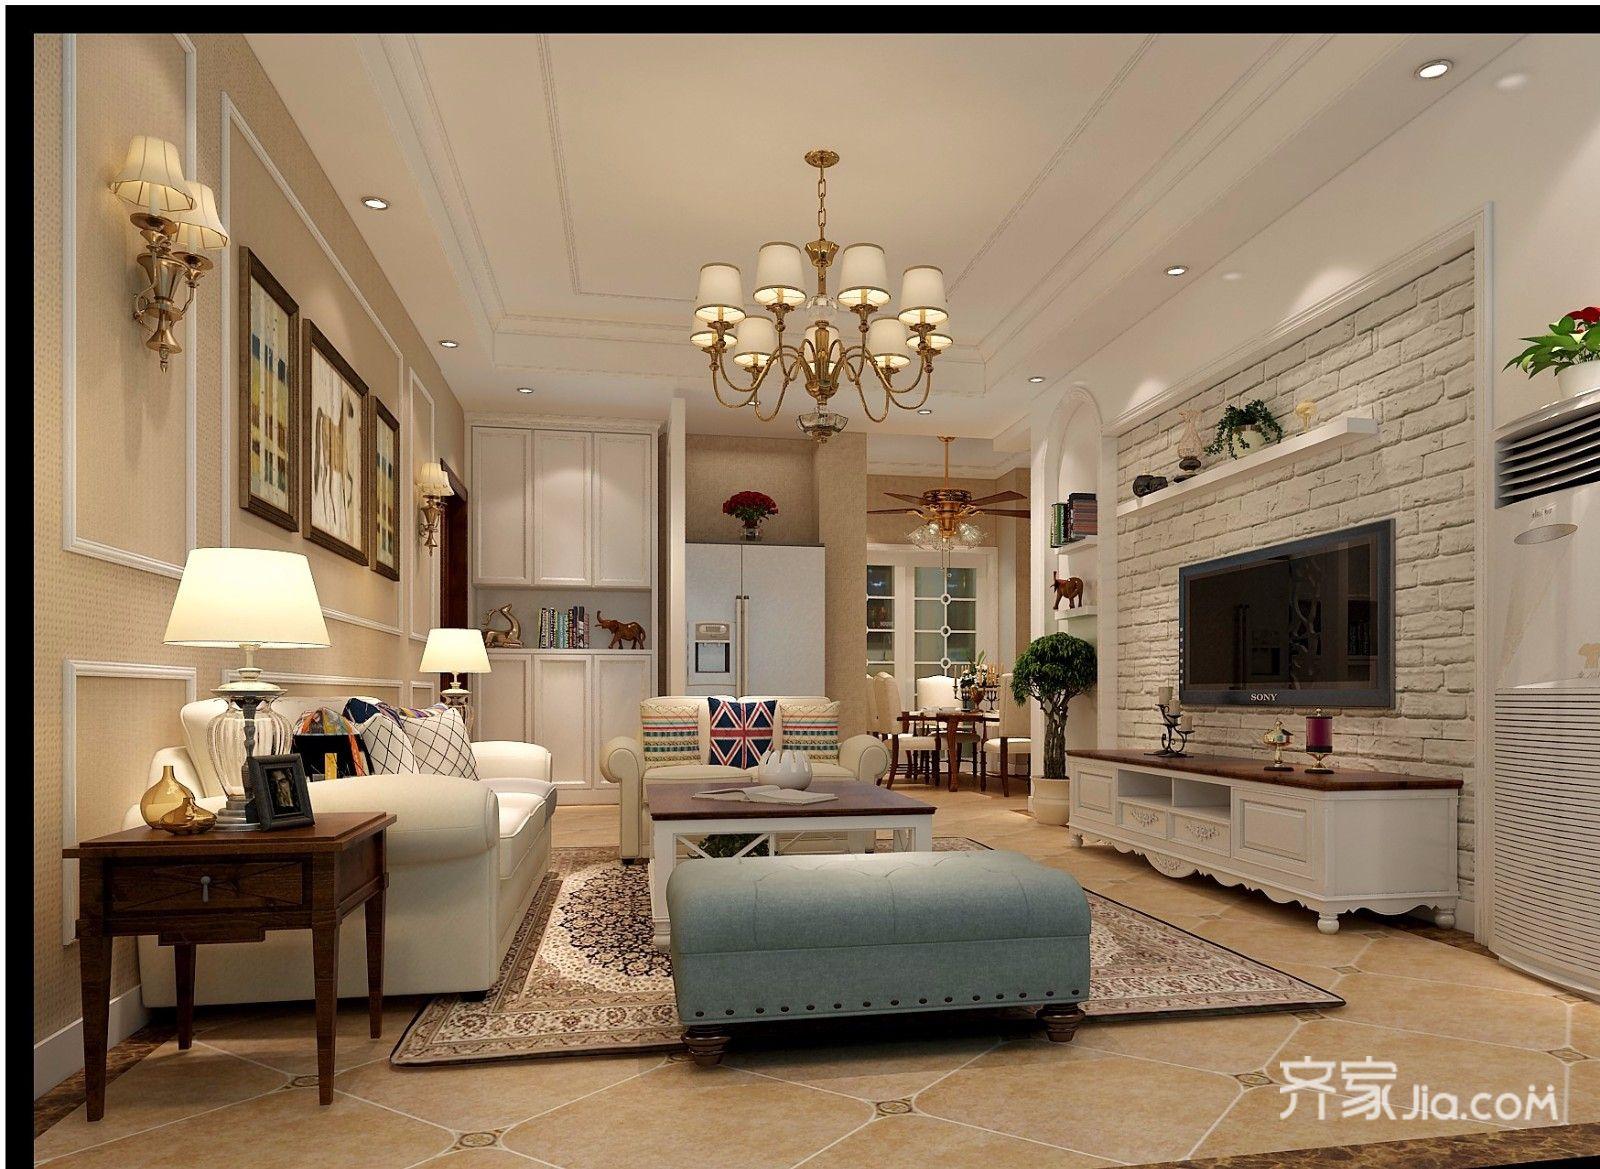 110平混搭风格装修客厅效果图